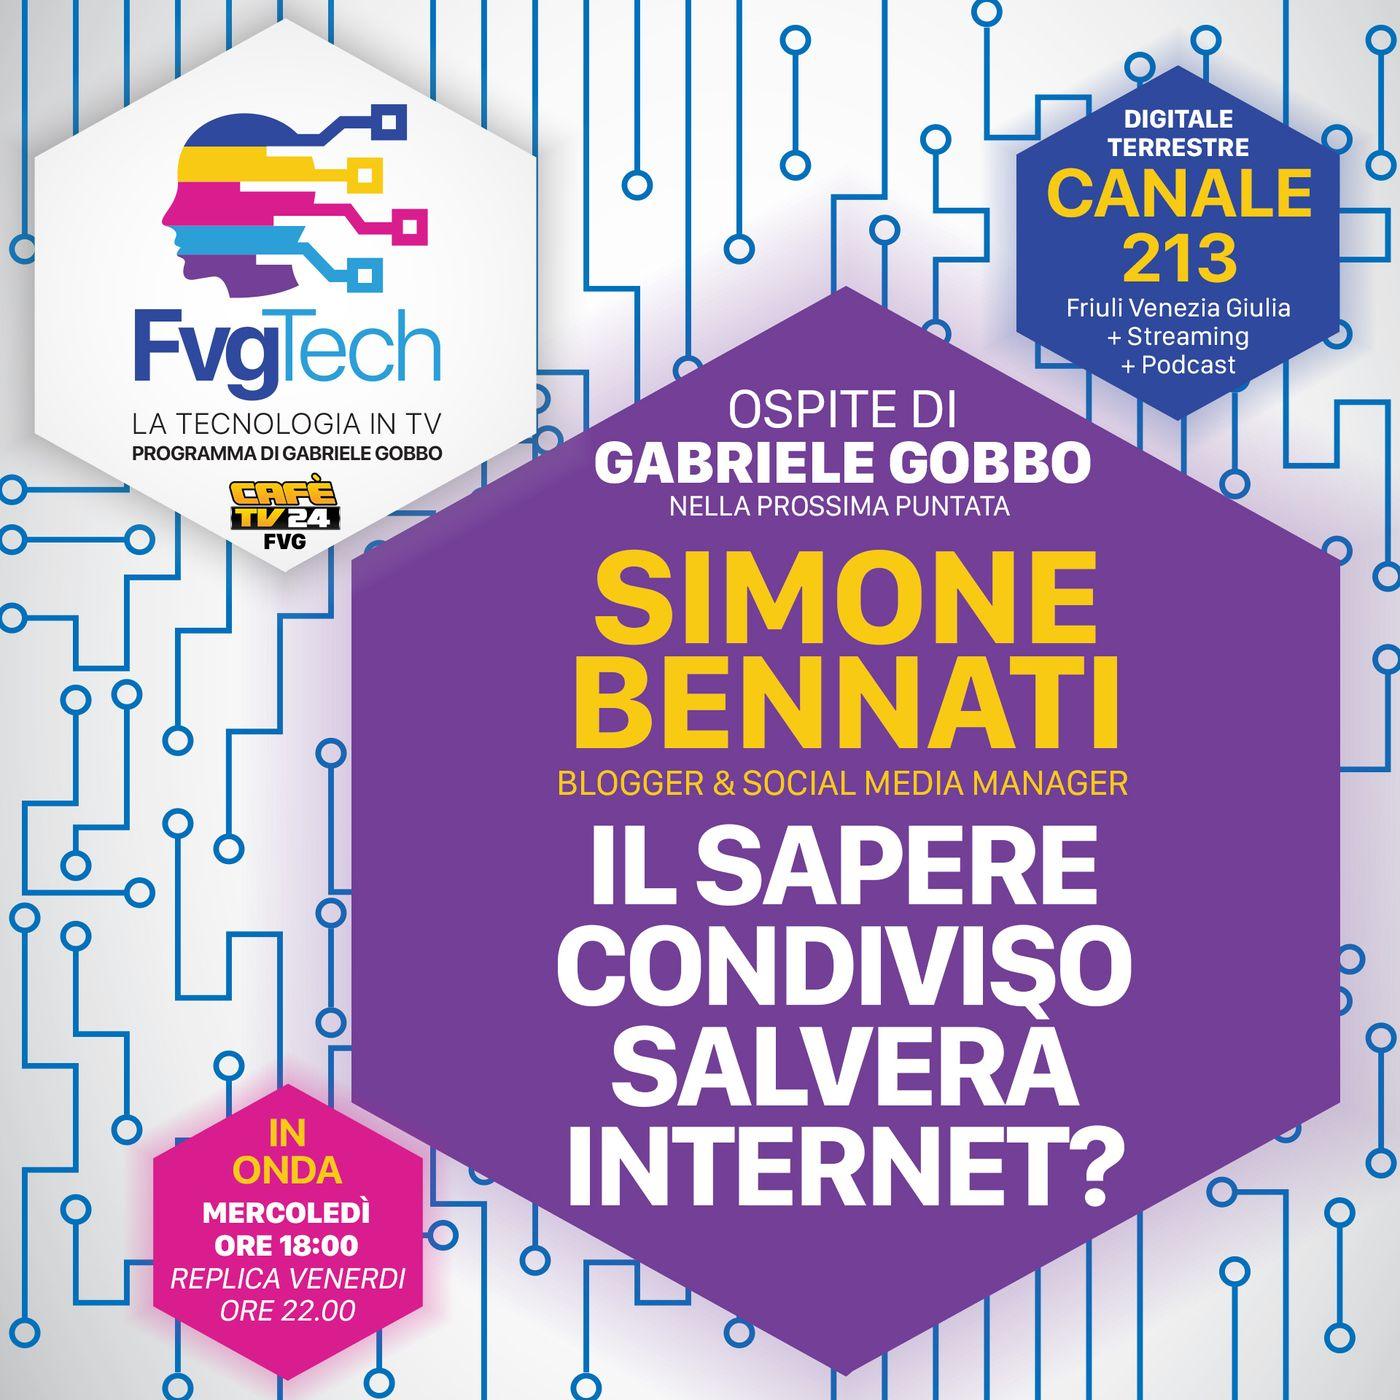 54 - Il sapere condiviso salverà internet? Ospite Simone Bennati